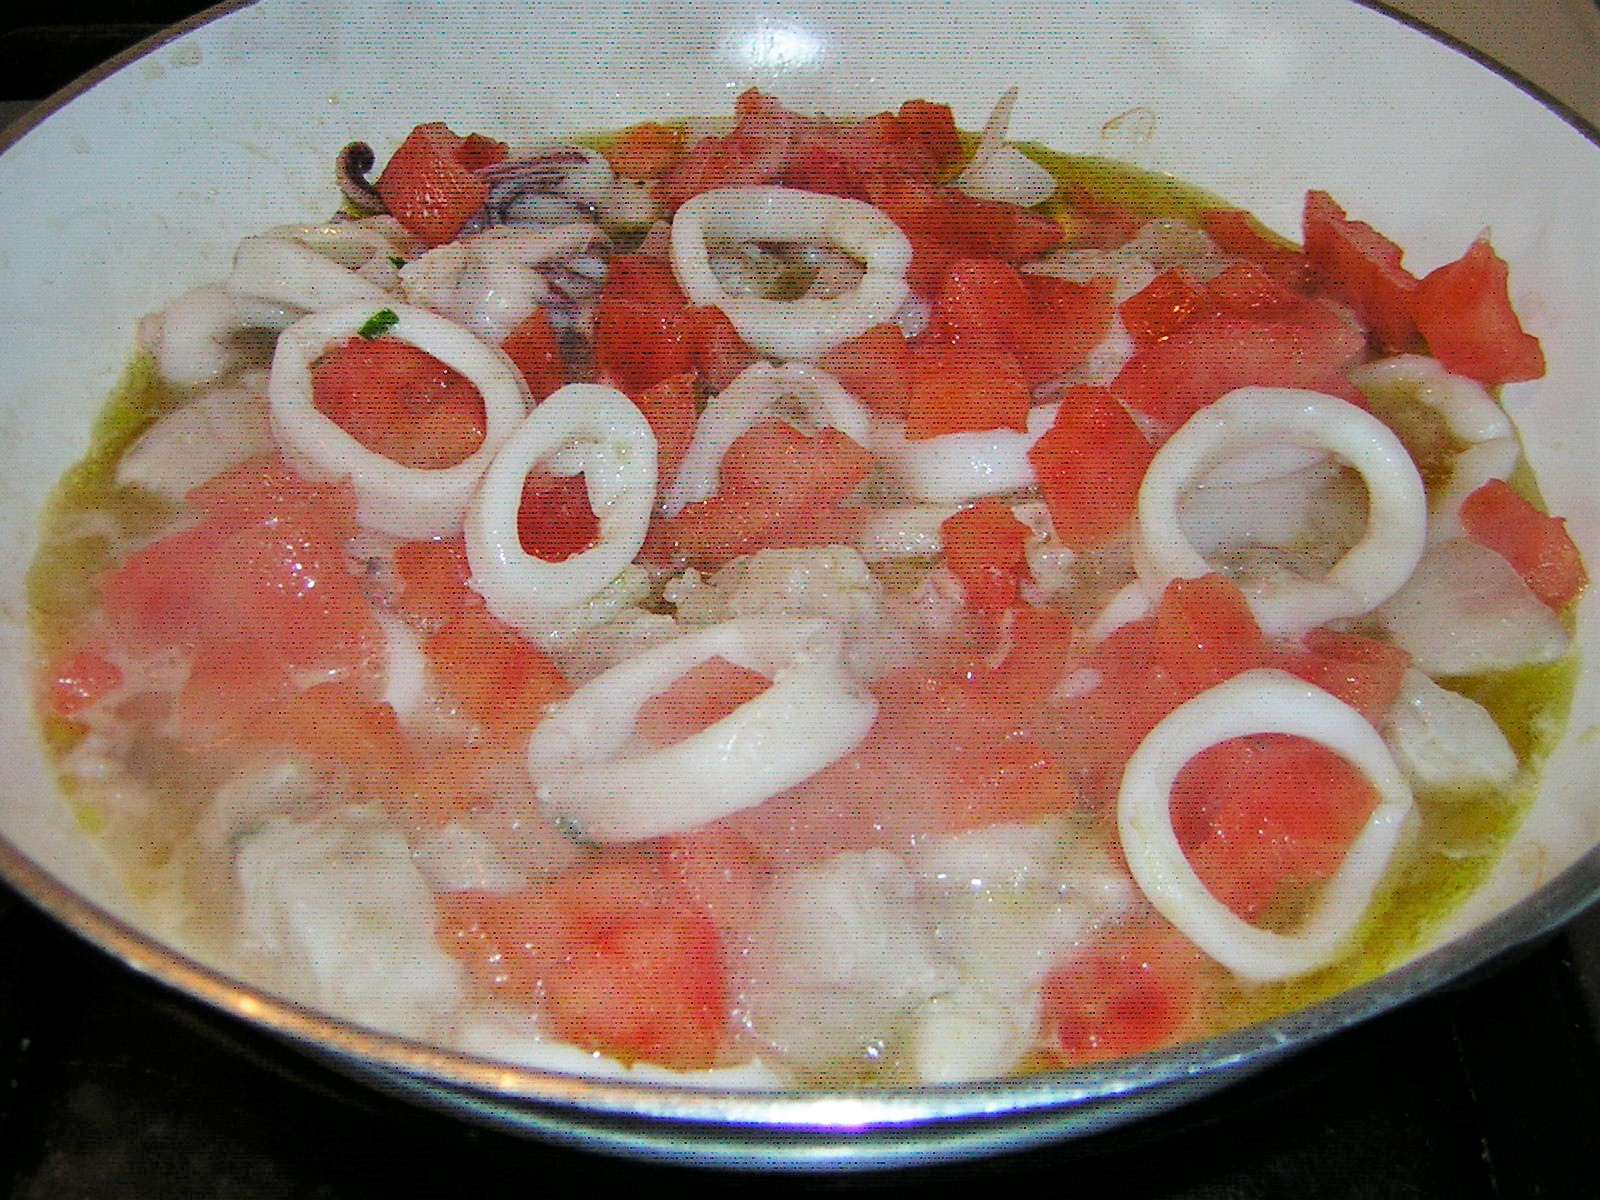 preparazione delle mezze maniche con calamari e persico